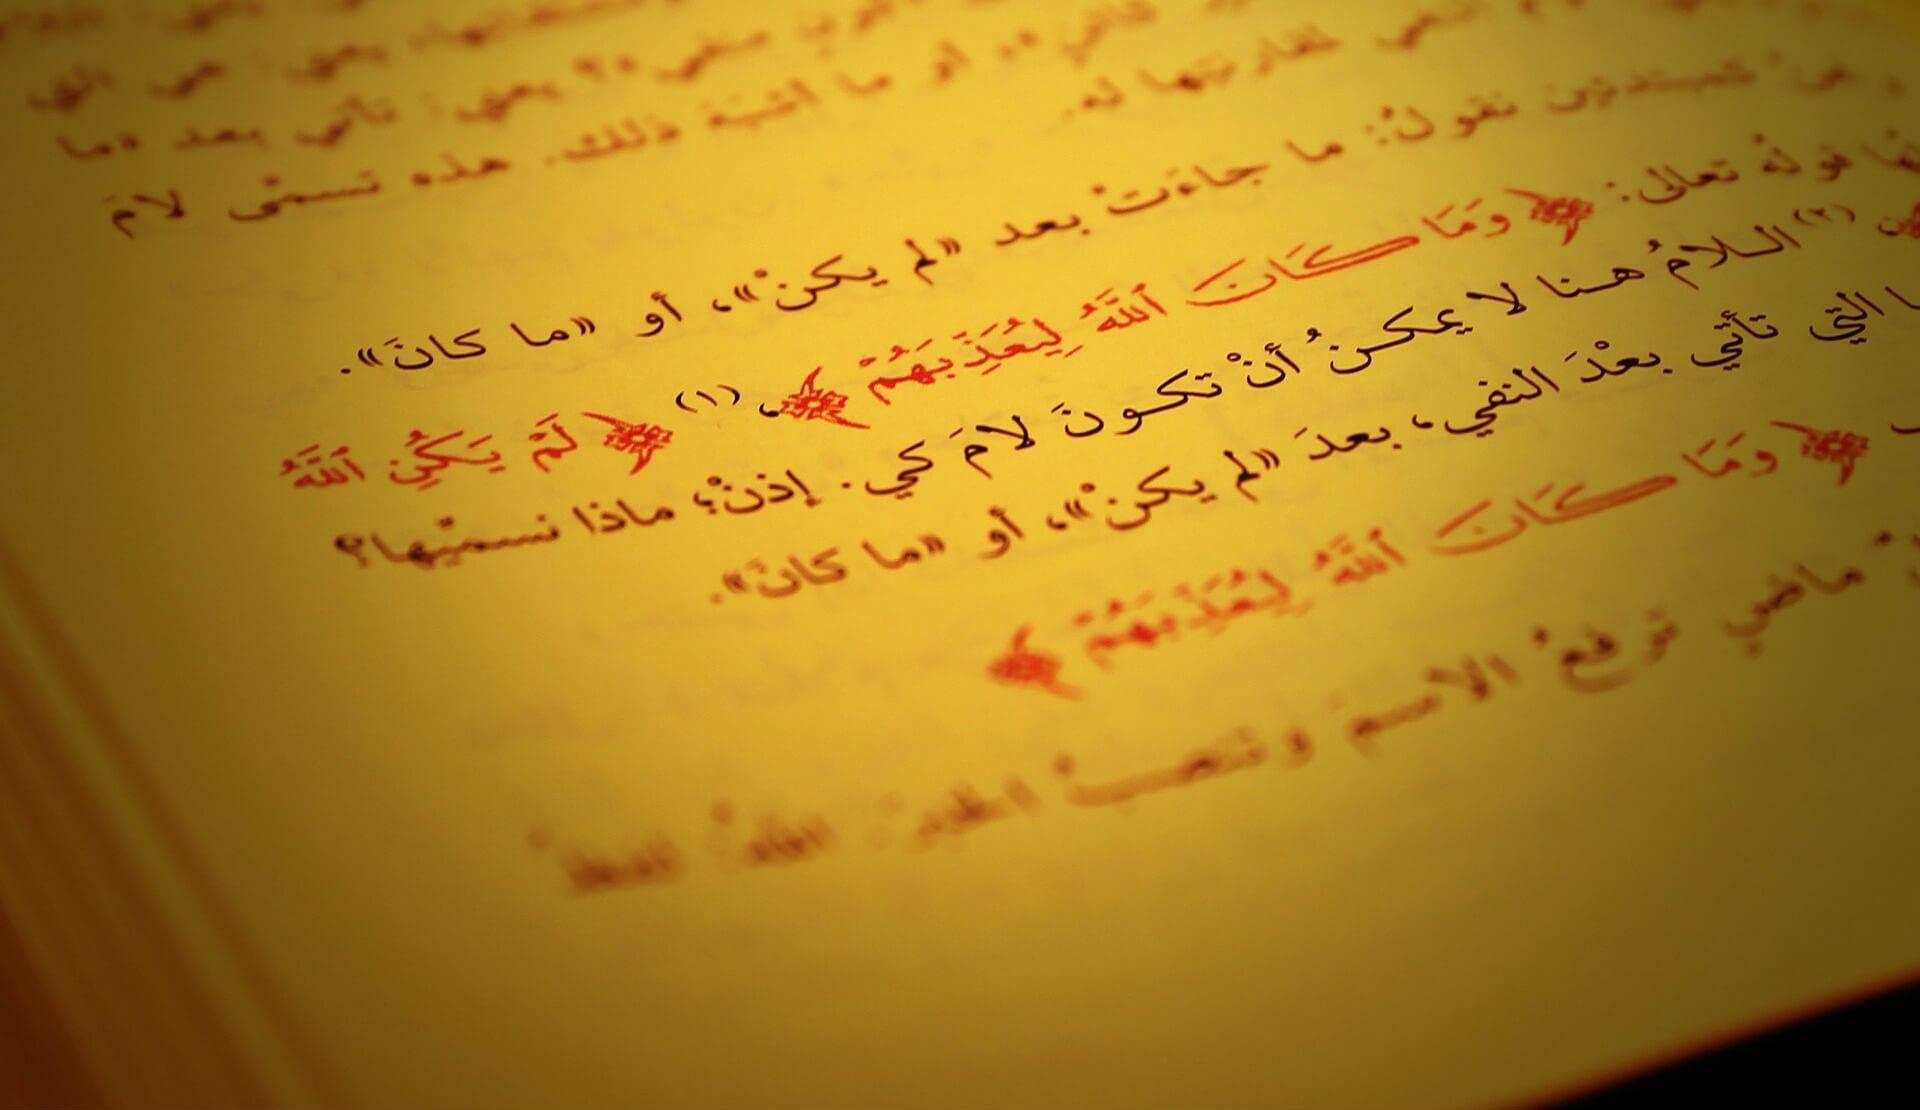 Aulas de árabe com professores experientes